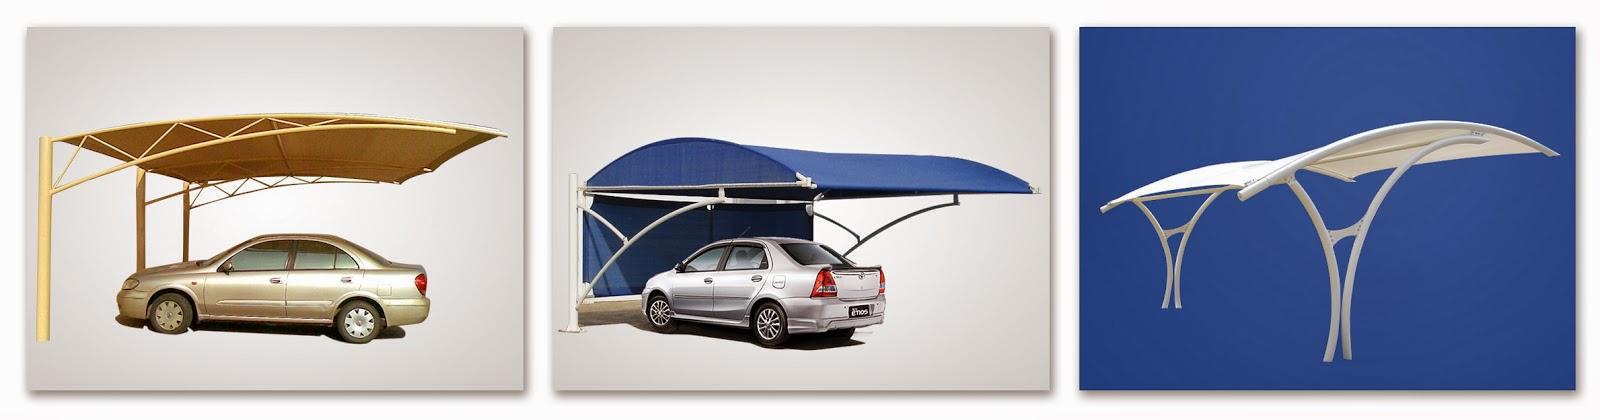 Car Parking Shade Manufacturers